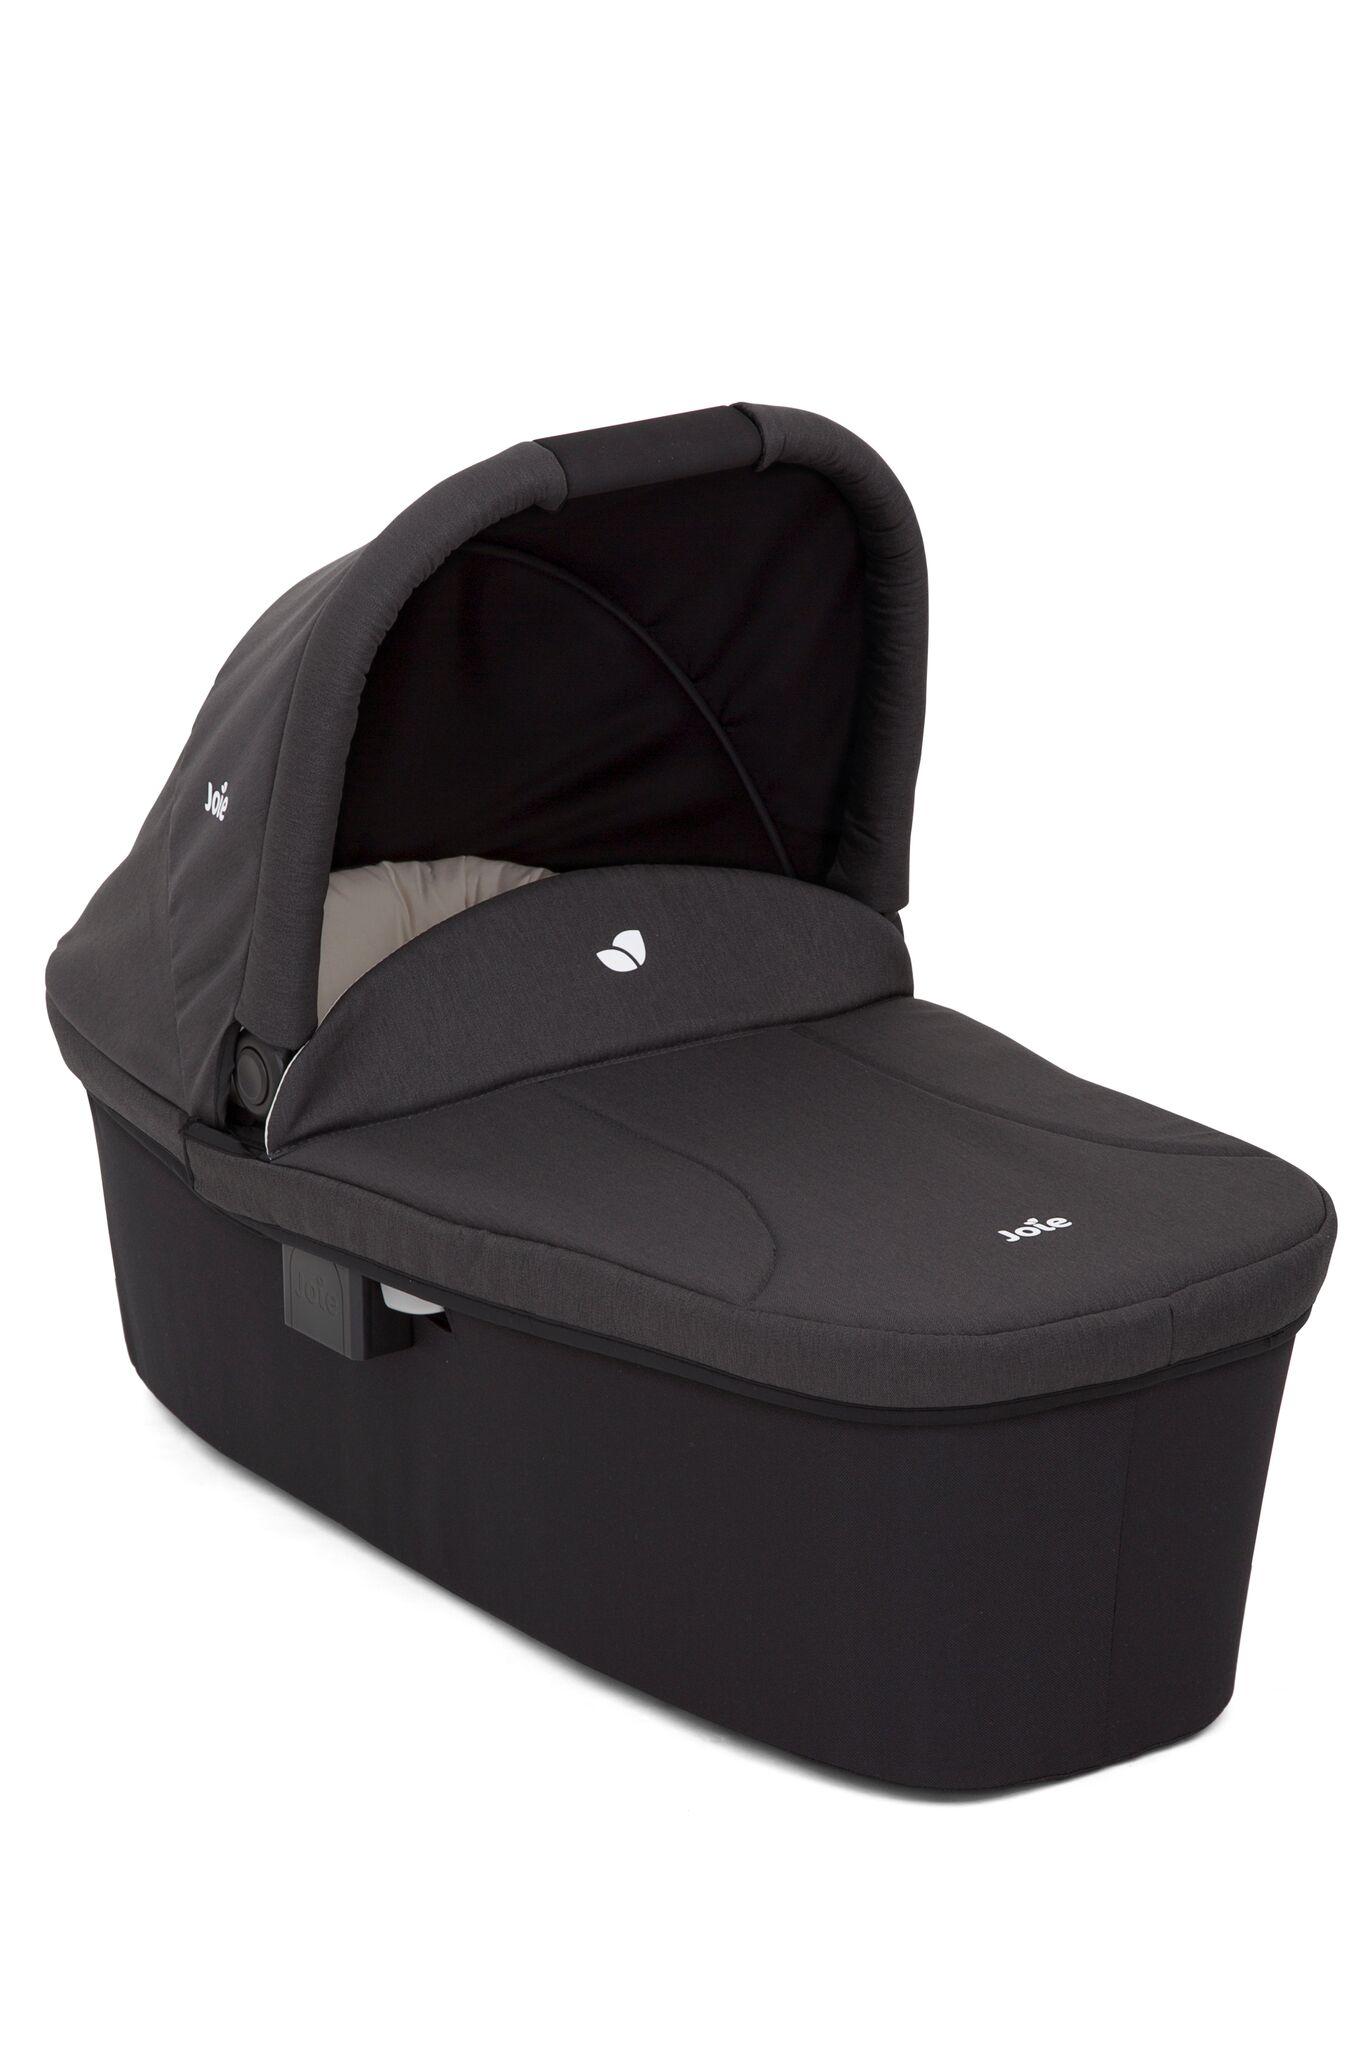 joie ramble babywanne kollektion 2018 ember baby fachmarkt f r babyausstattung gmbh. Black Bedroom Furniture Sets. Home Design Ideas